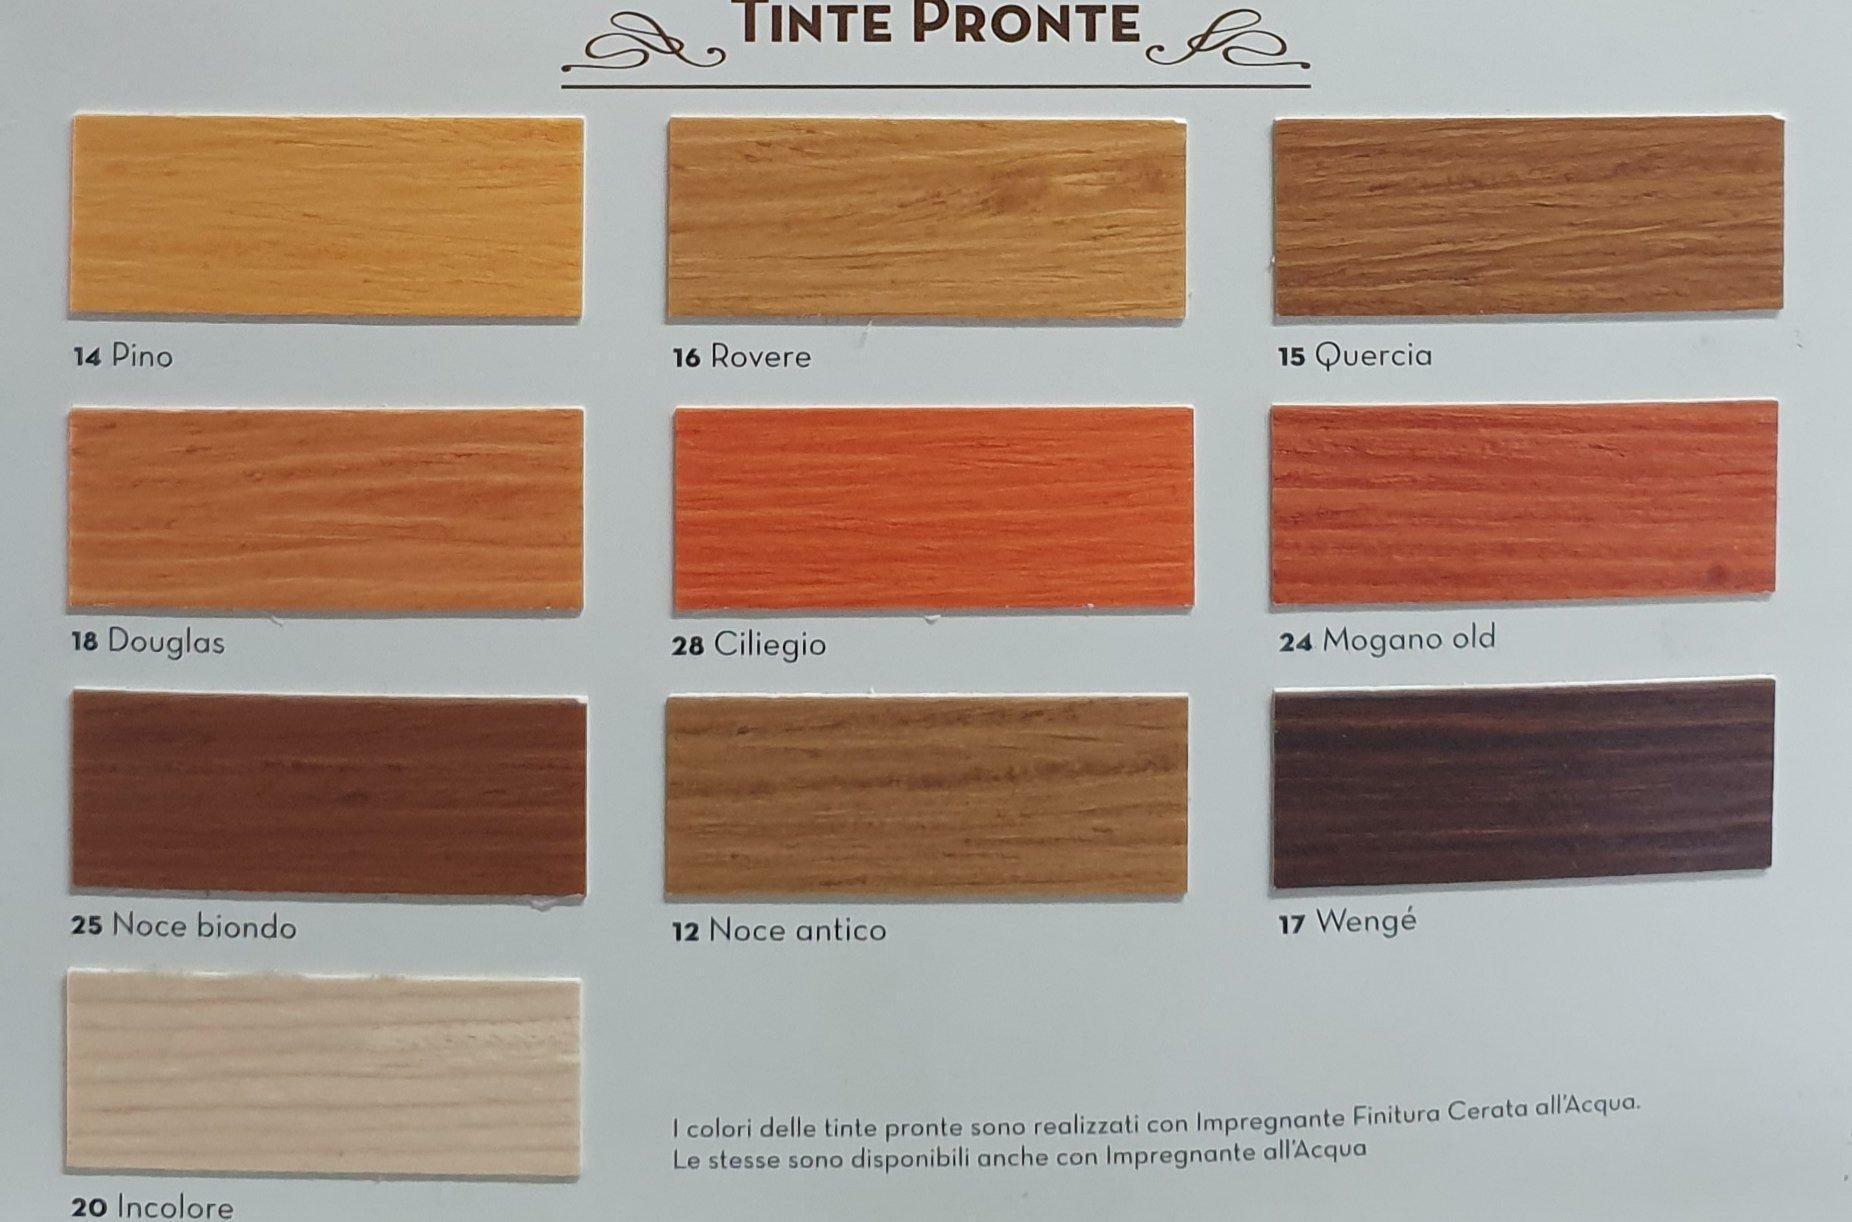 attiva ingham clark finitura effetto cerato all' acqua per legno colore quercia 2,5 lt